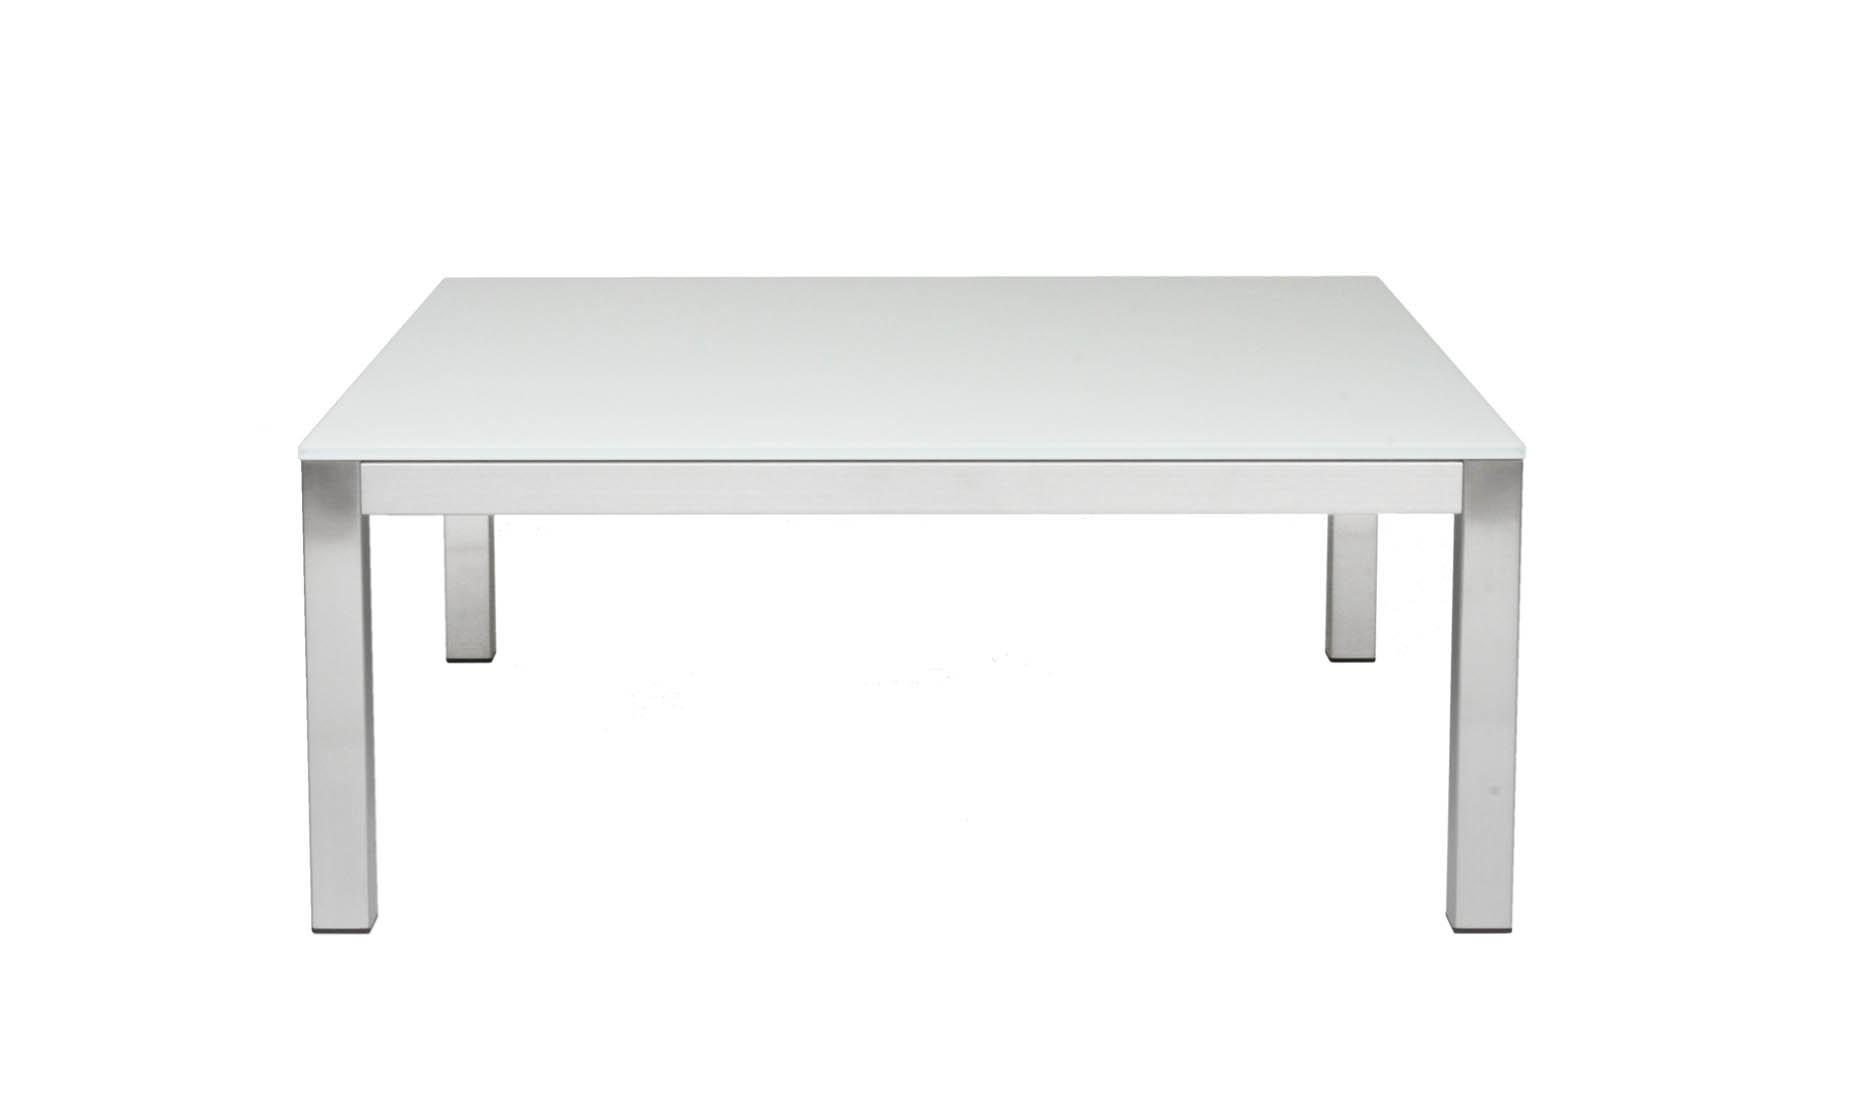 Couchtische Nach Mass Tischgestelle Edelstahl Glasplatte Lackiert